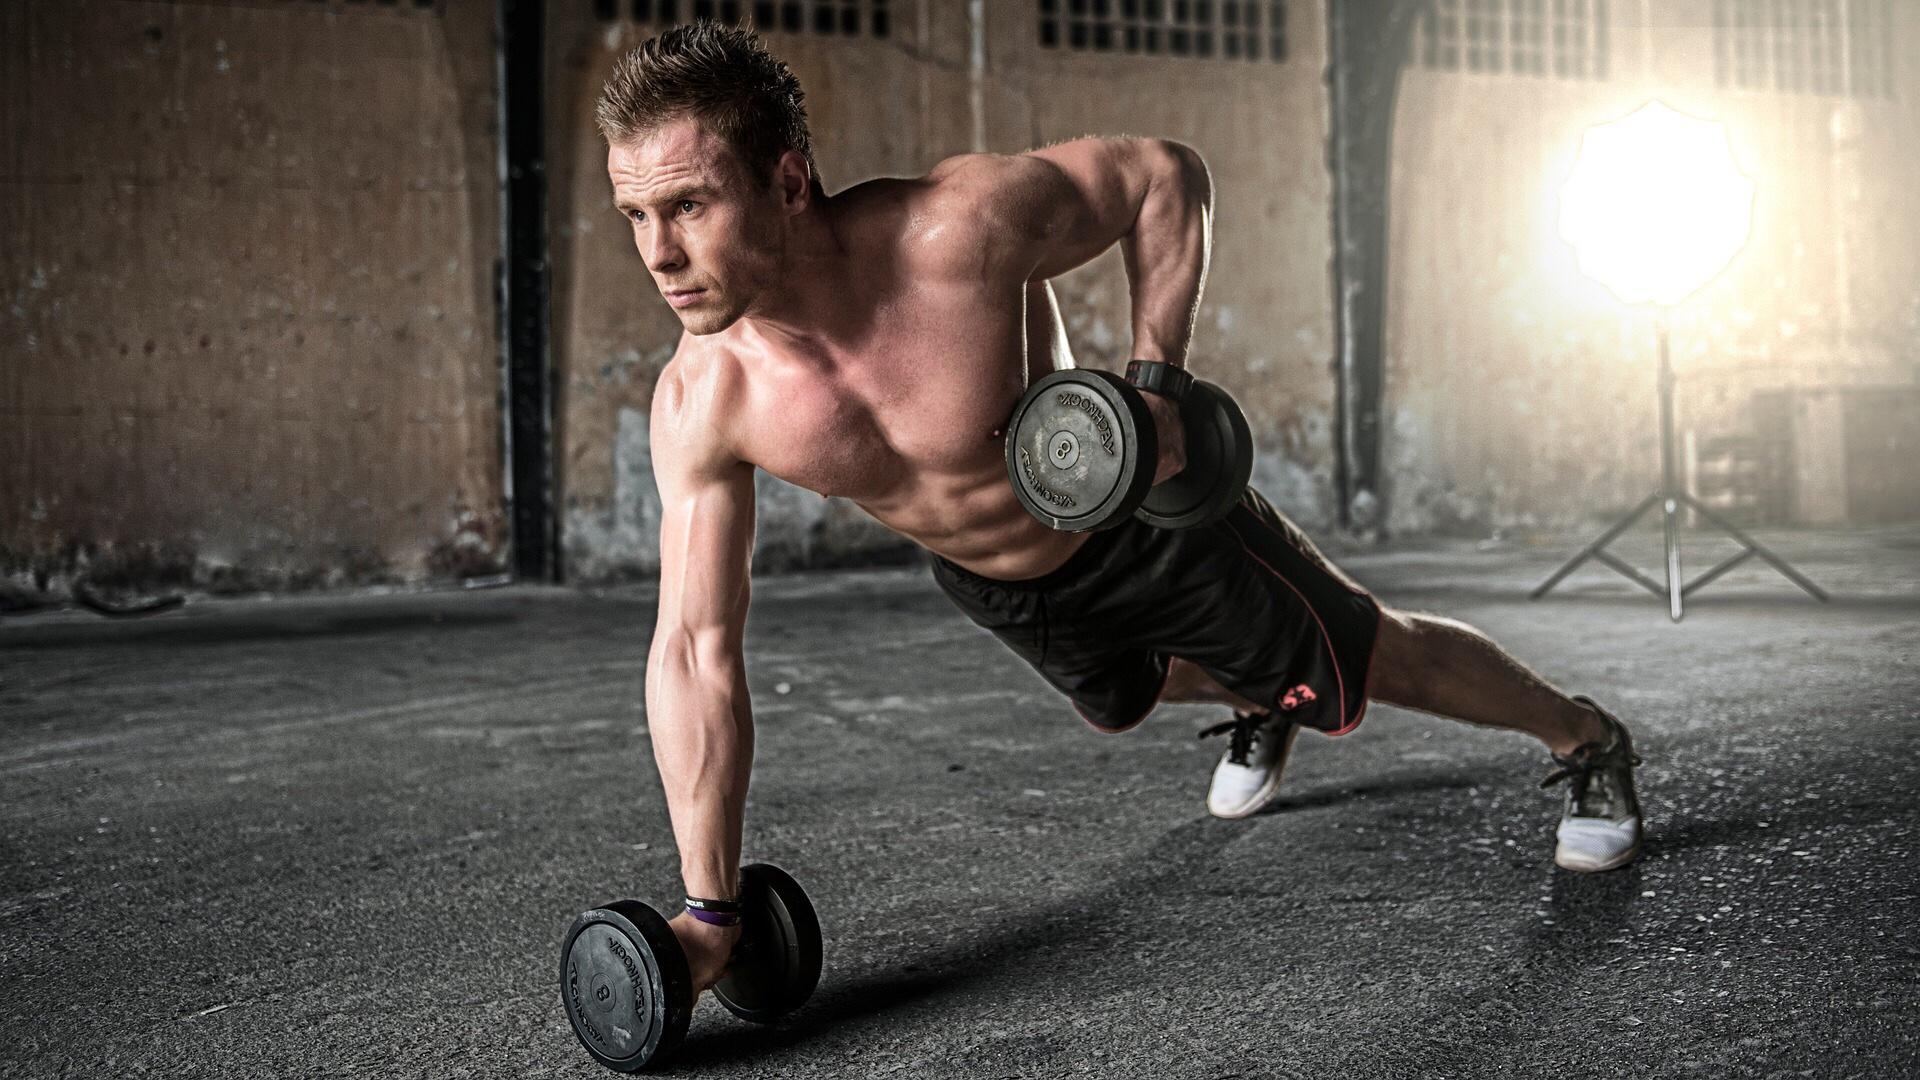 コアトレーニングでは持久的に鍛えるだけでなく「瞬発的」に鍛えるべき #63